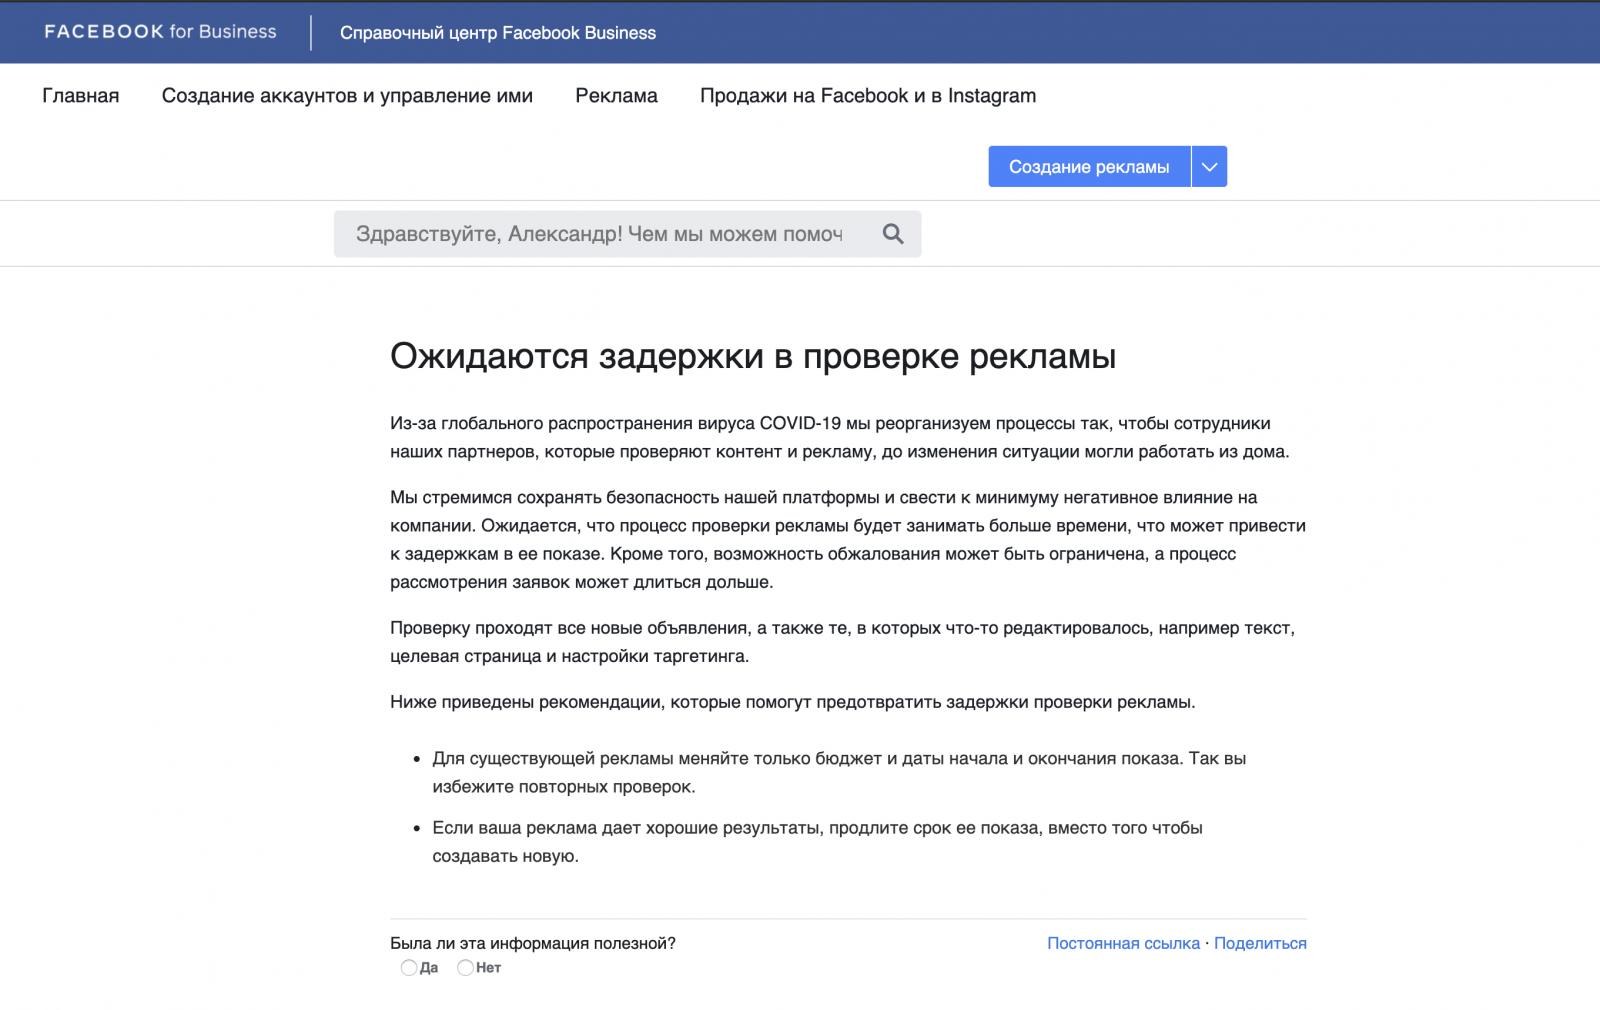 Facebook отложит модерацию рекламы из-за коронавируса